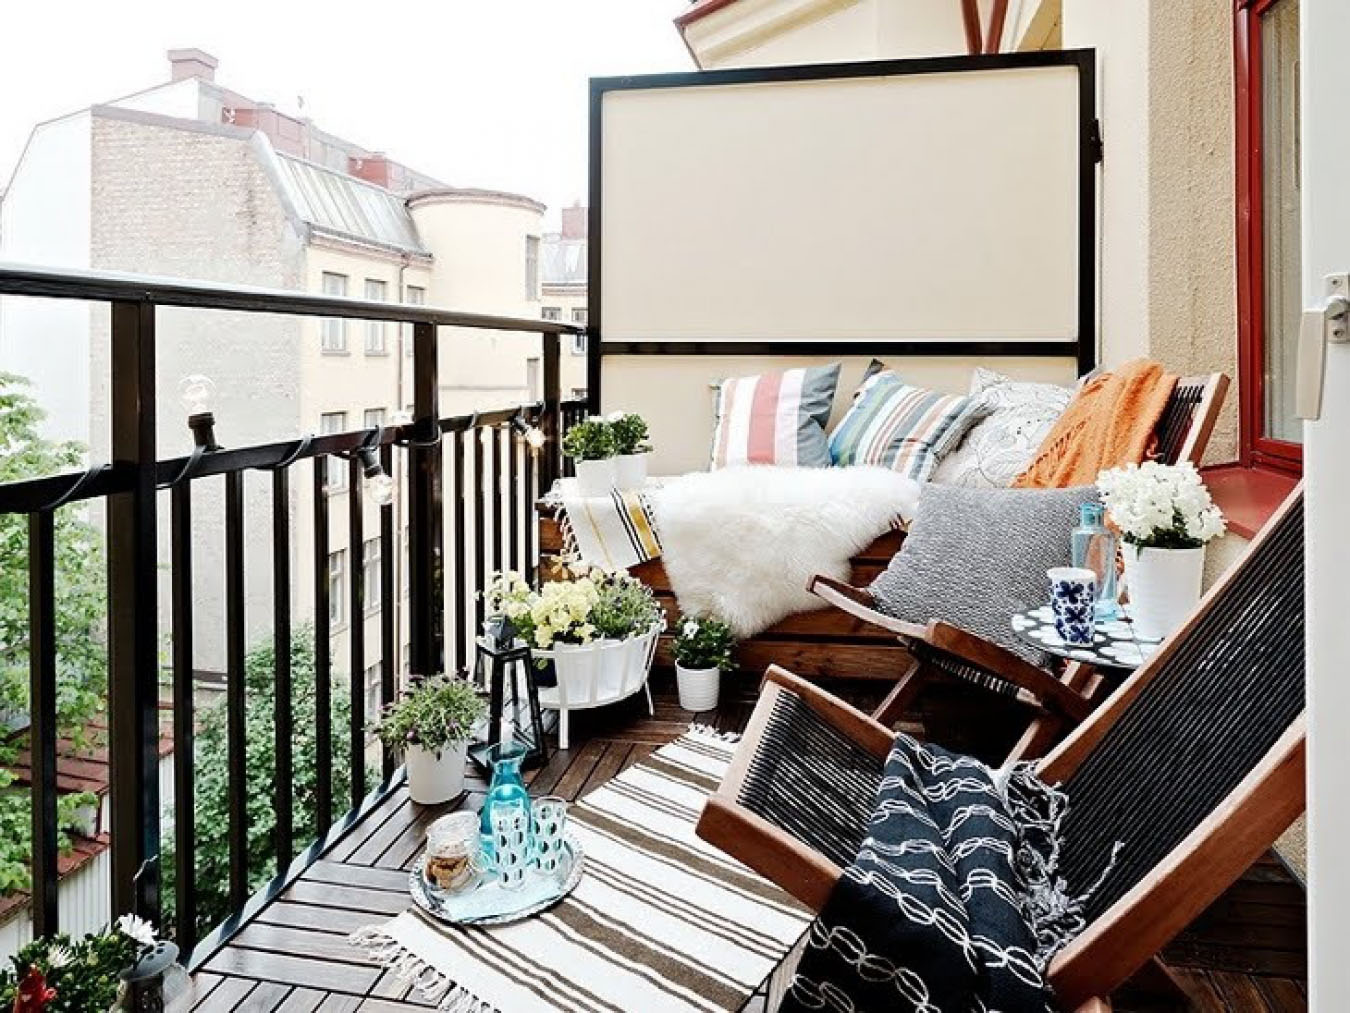 Балкон в квартире - фото примеры ярких идей для дизайна балк.